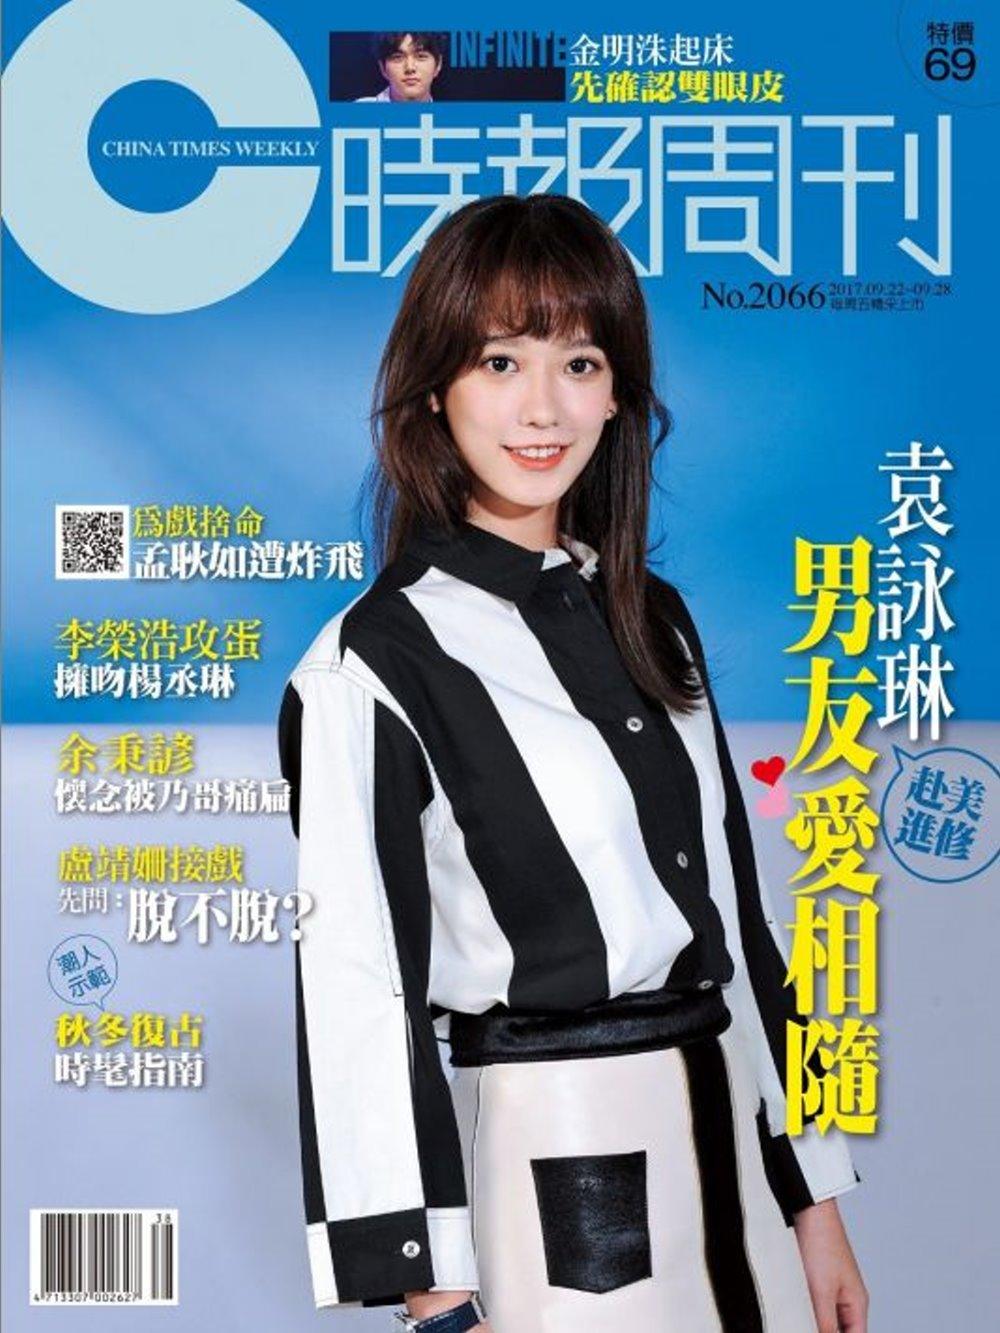 時報周刊 2017/9/22第2066期